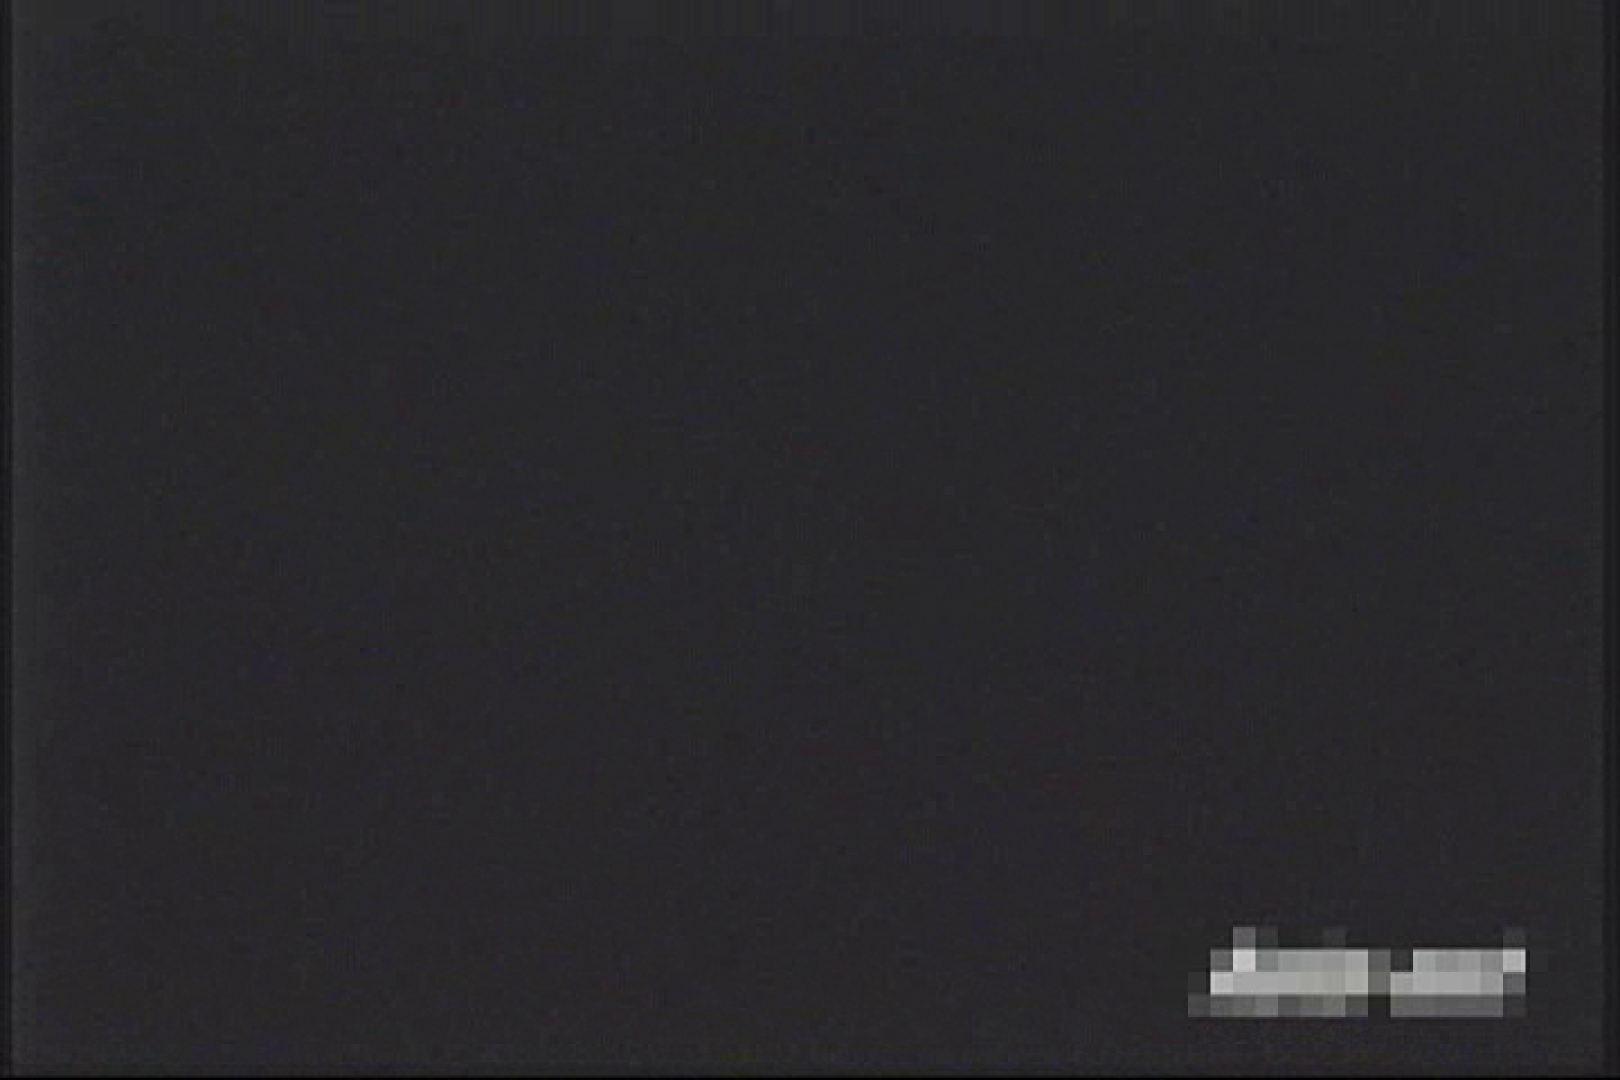 プライベートピーピング 欲求不満な女達Vol.6 美女OL おめこ無修正動画無料 74連発 22